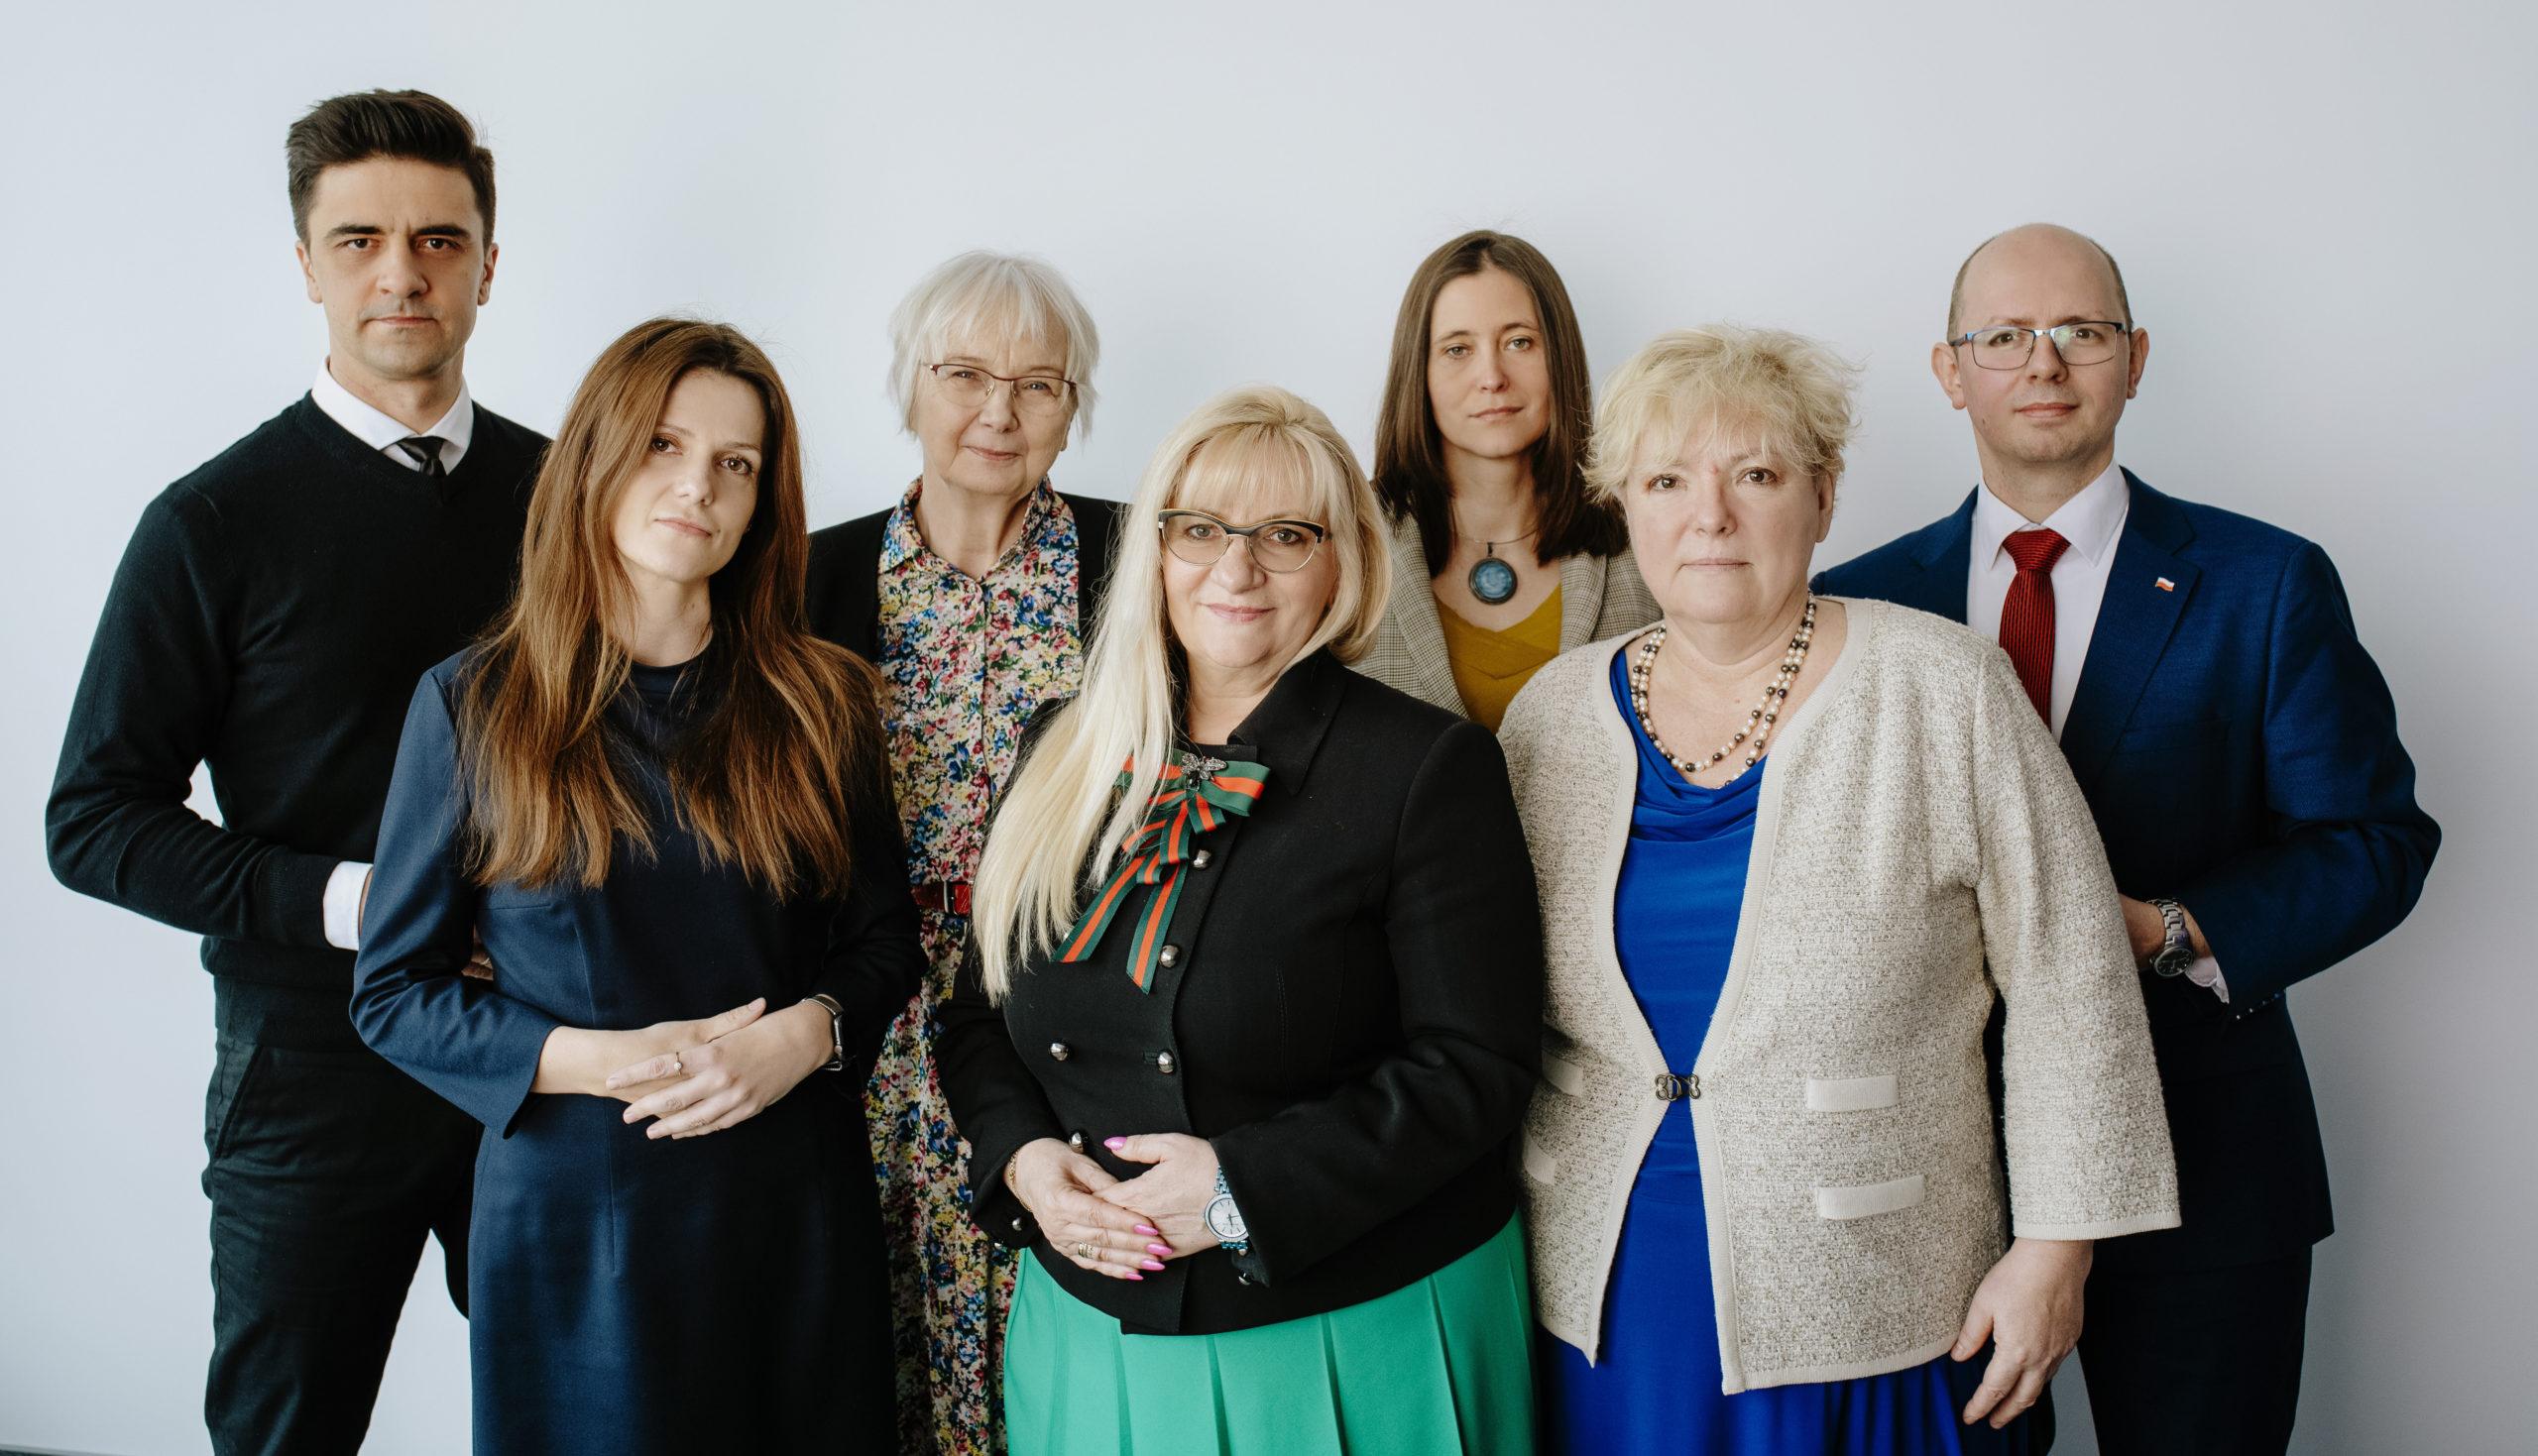 Fotografia grupowa komisji.